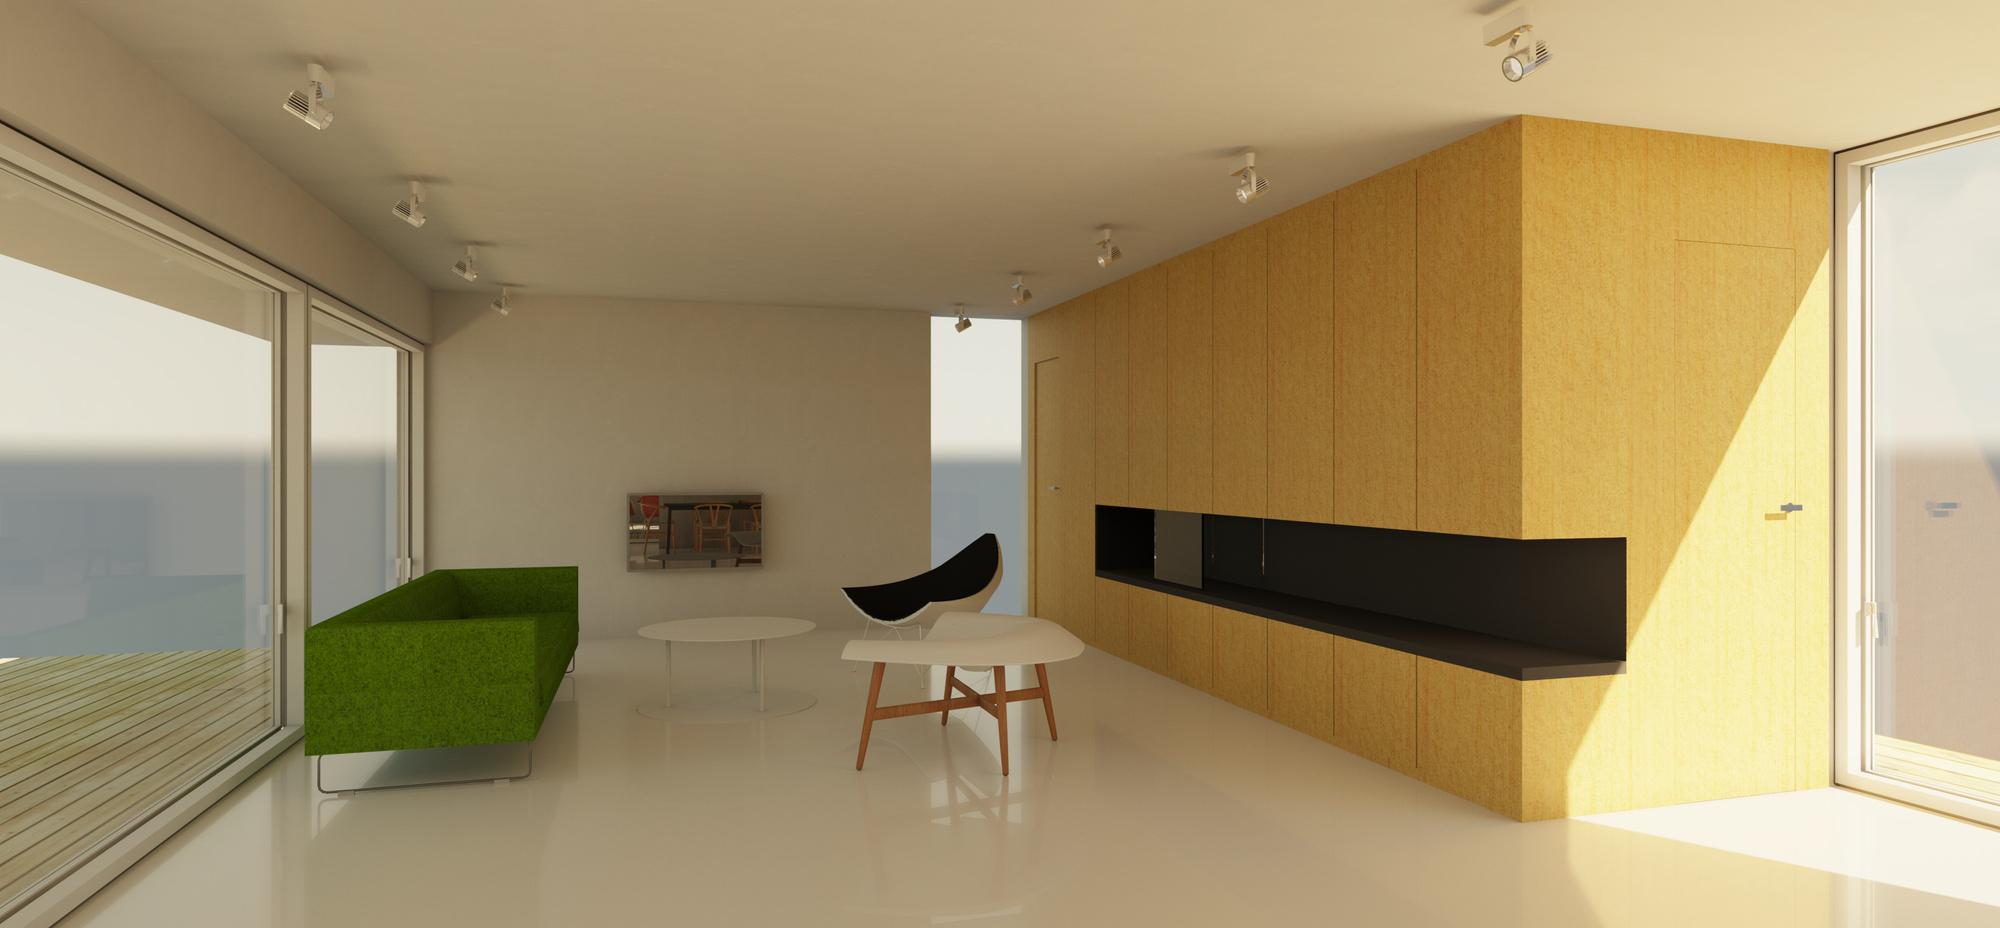 Raas-rendering20141230-15263-1u5w6p6